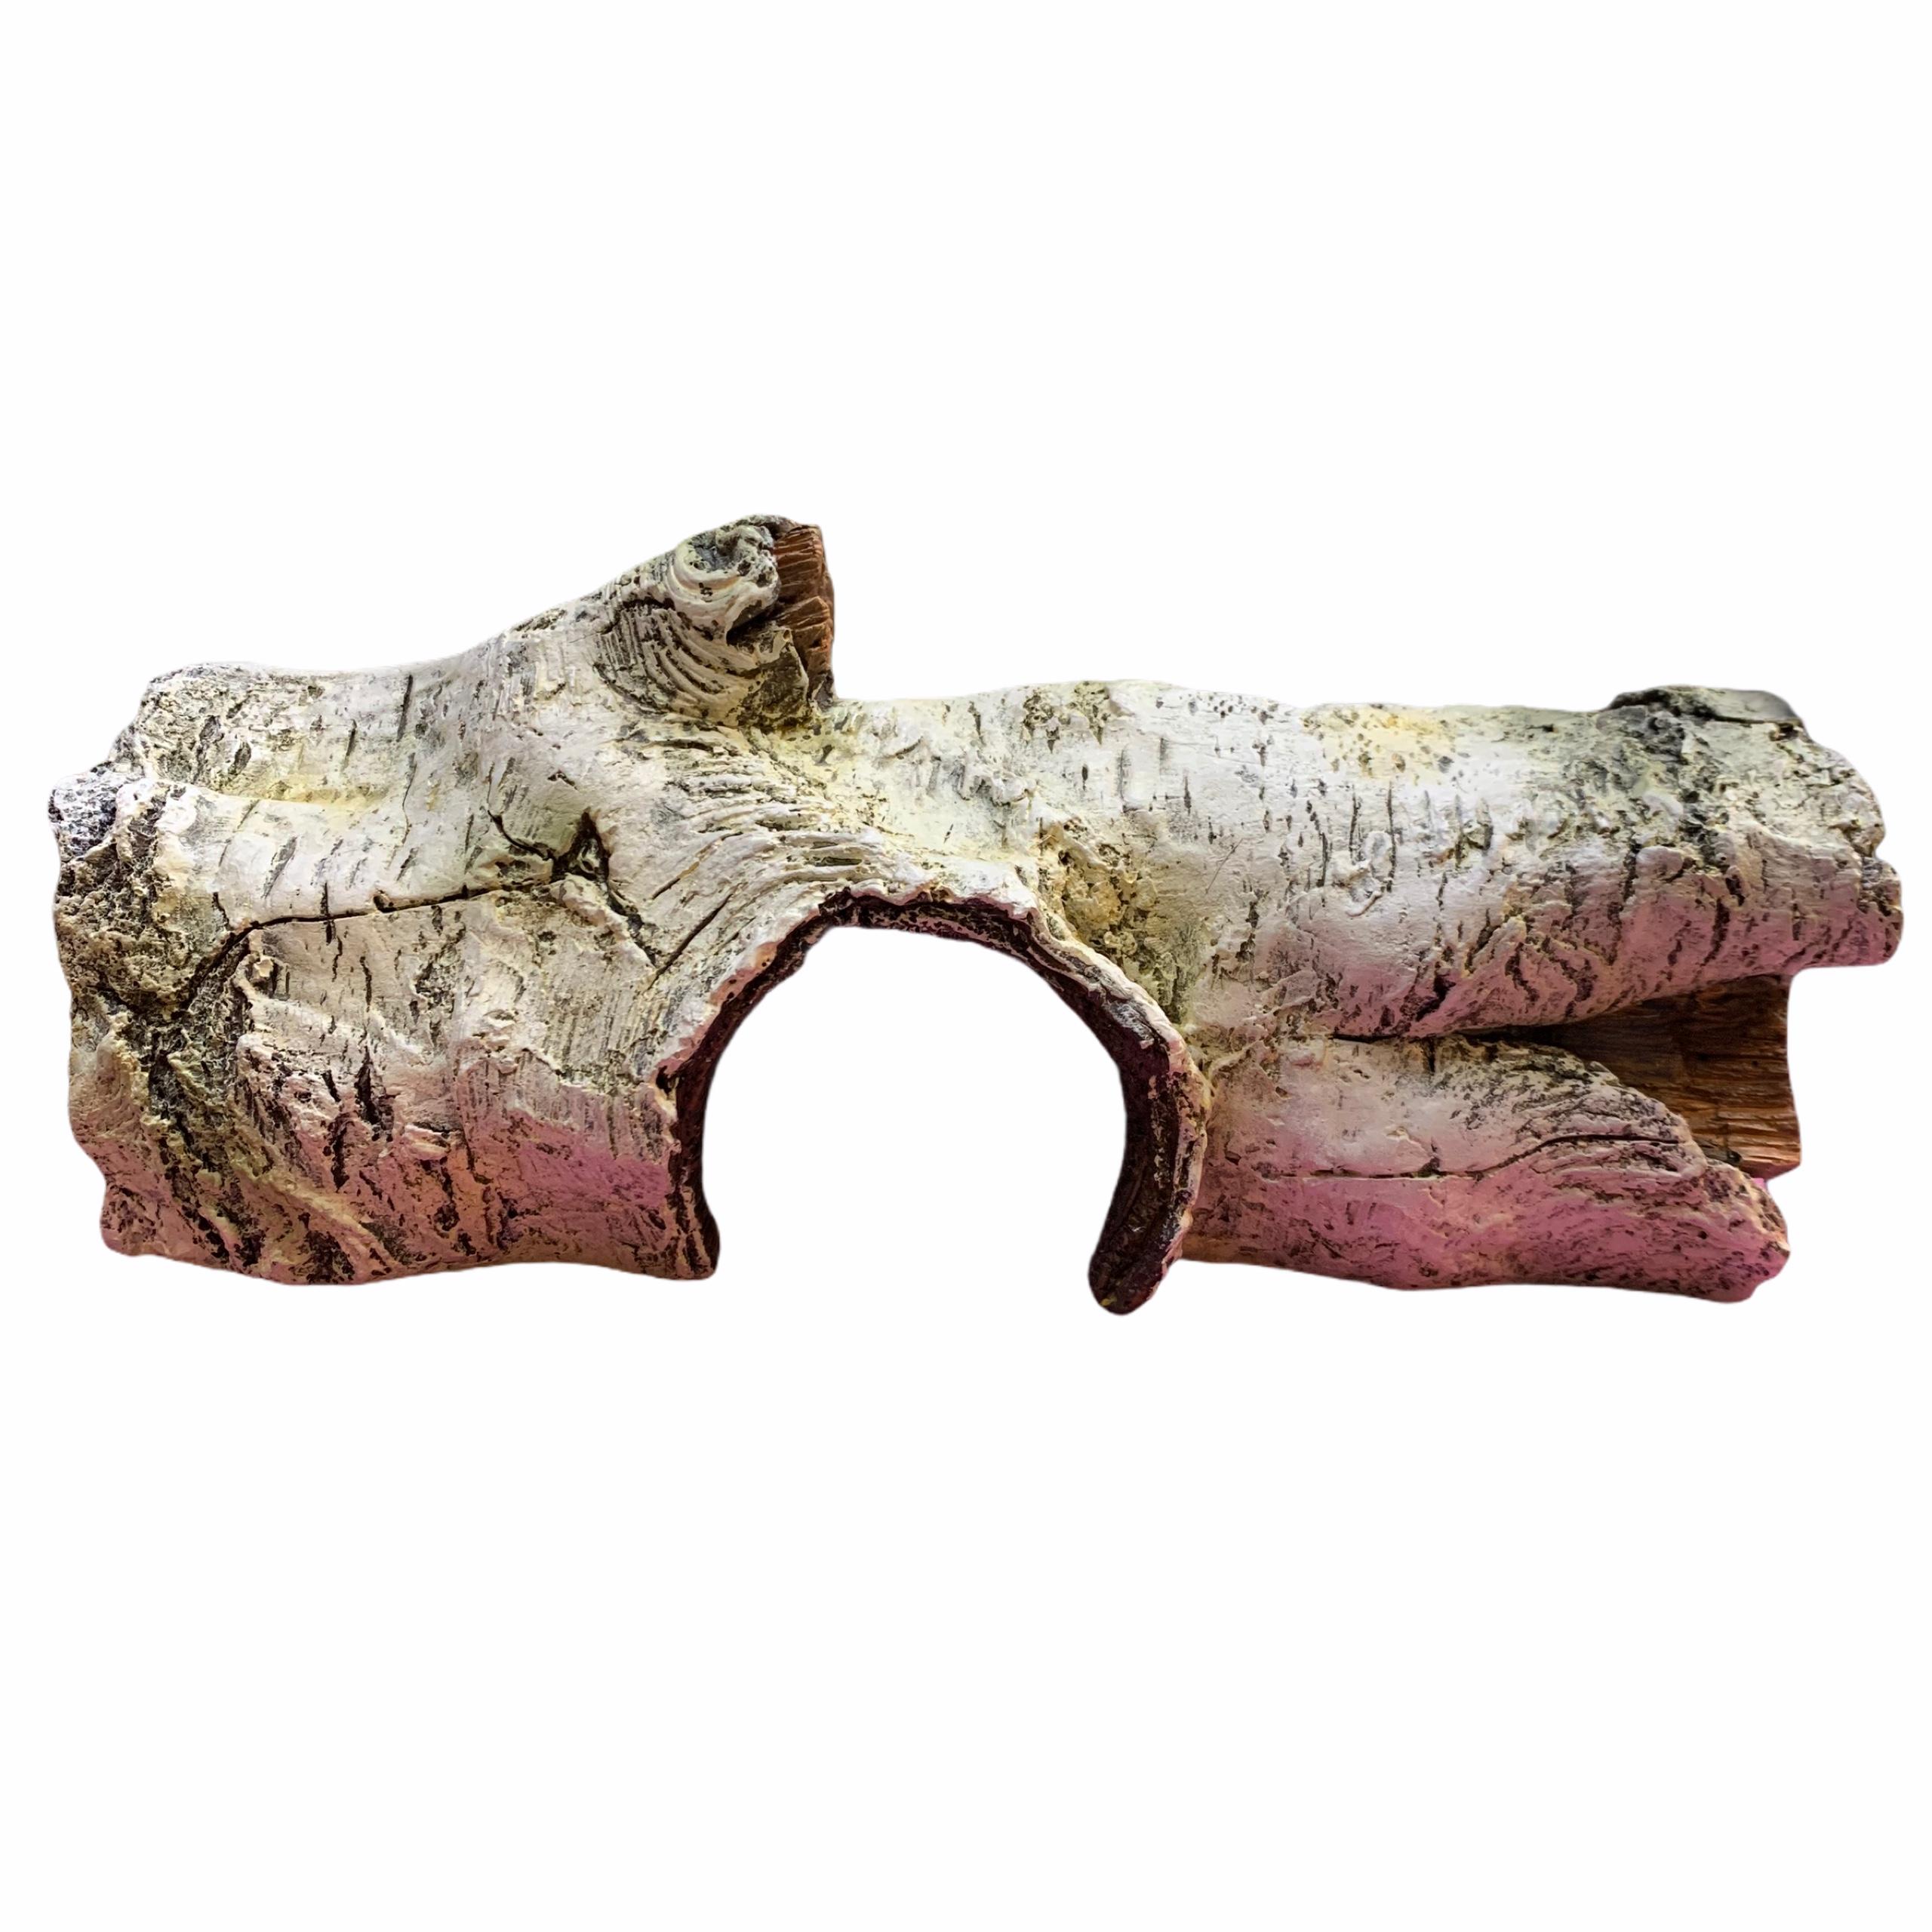 Hang thân bạch dương